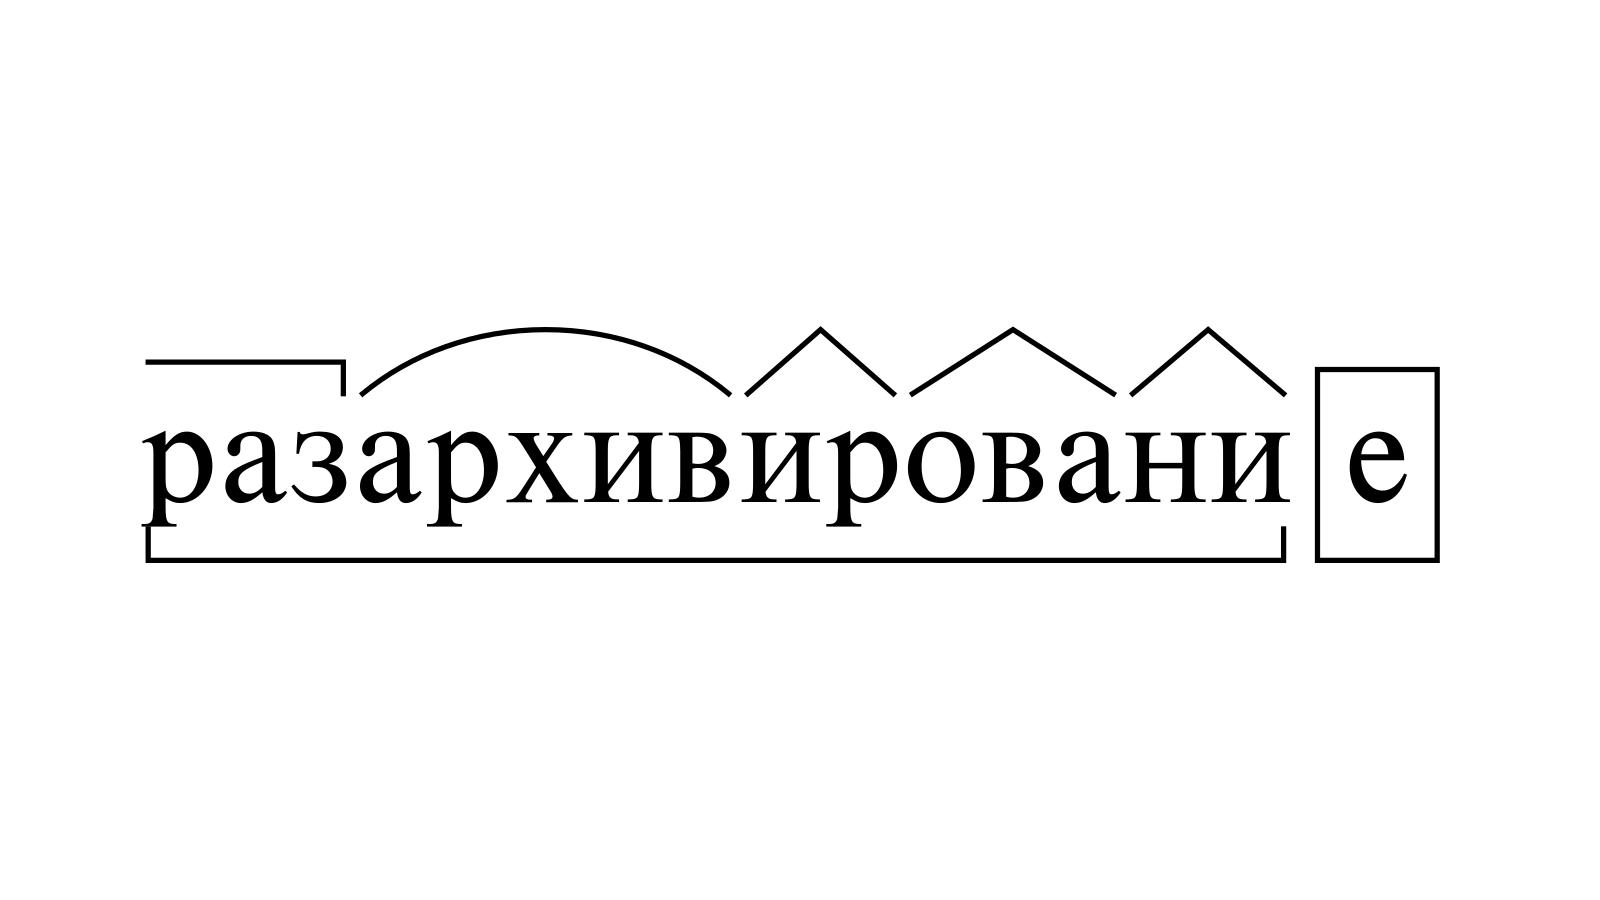 Разбор слова «разархивирование» по составу